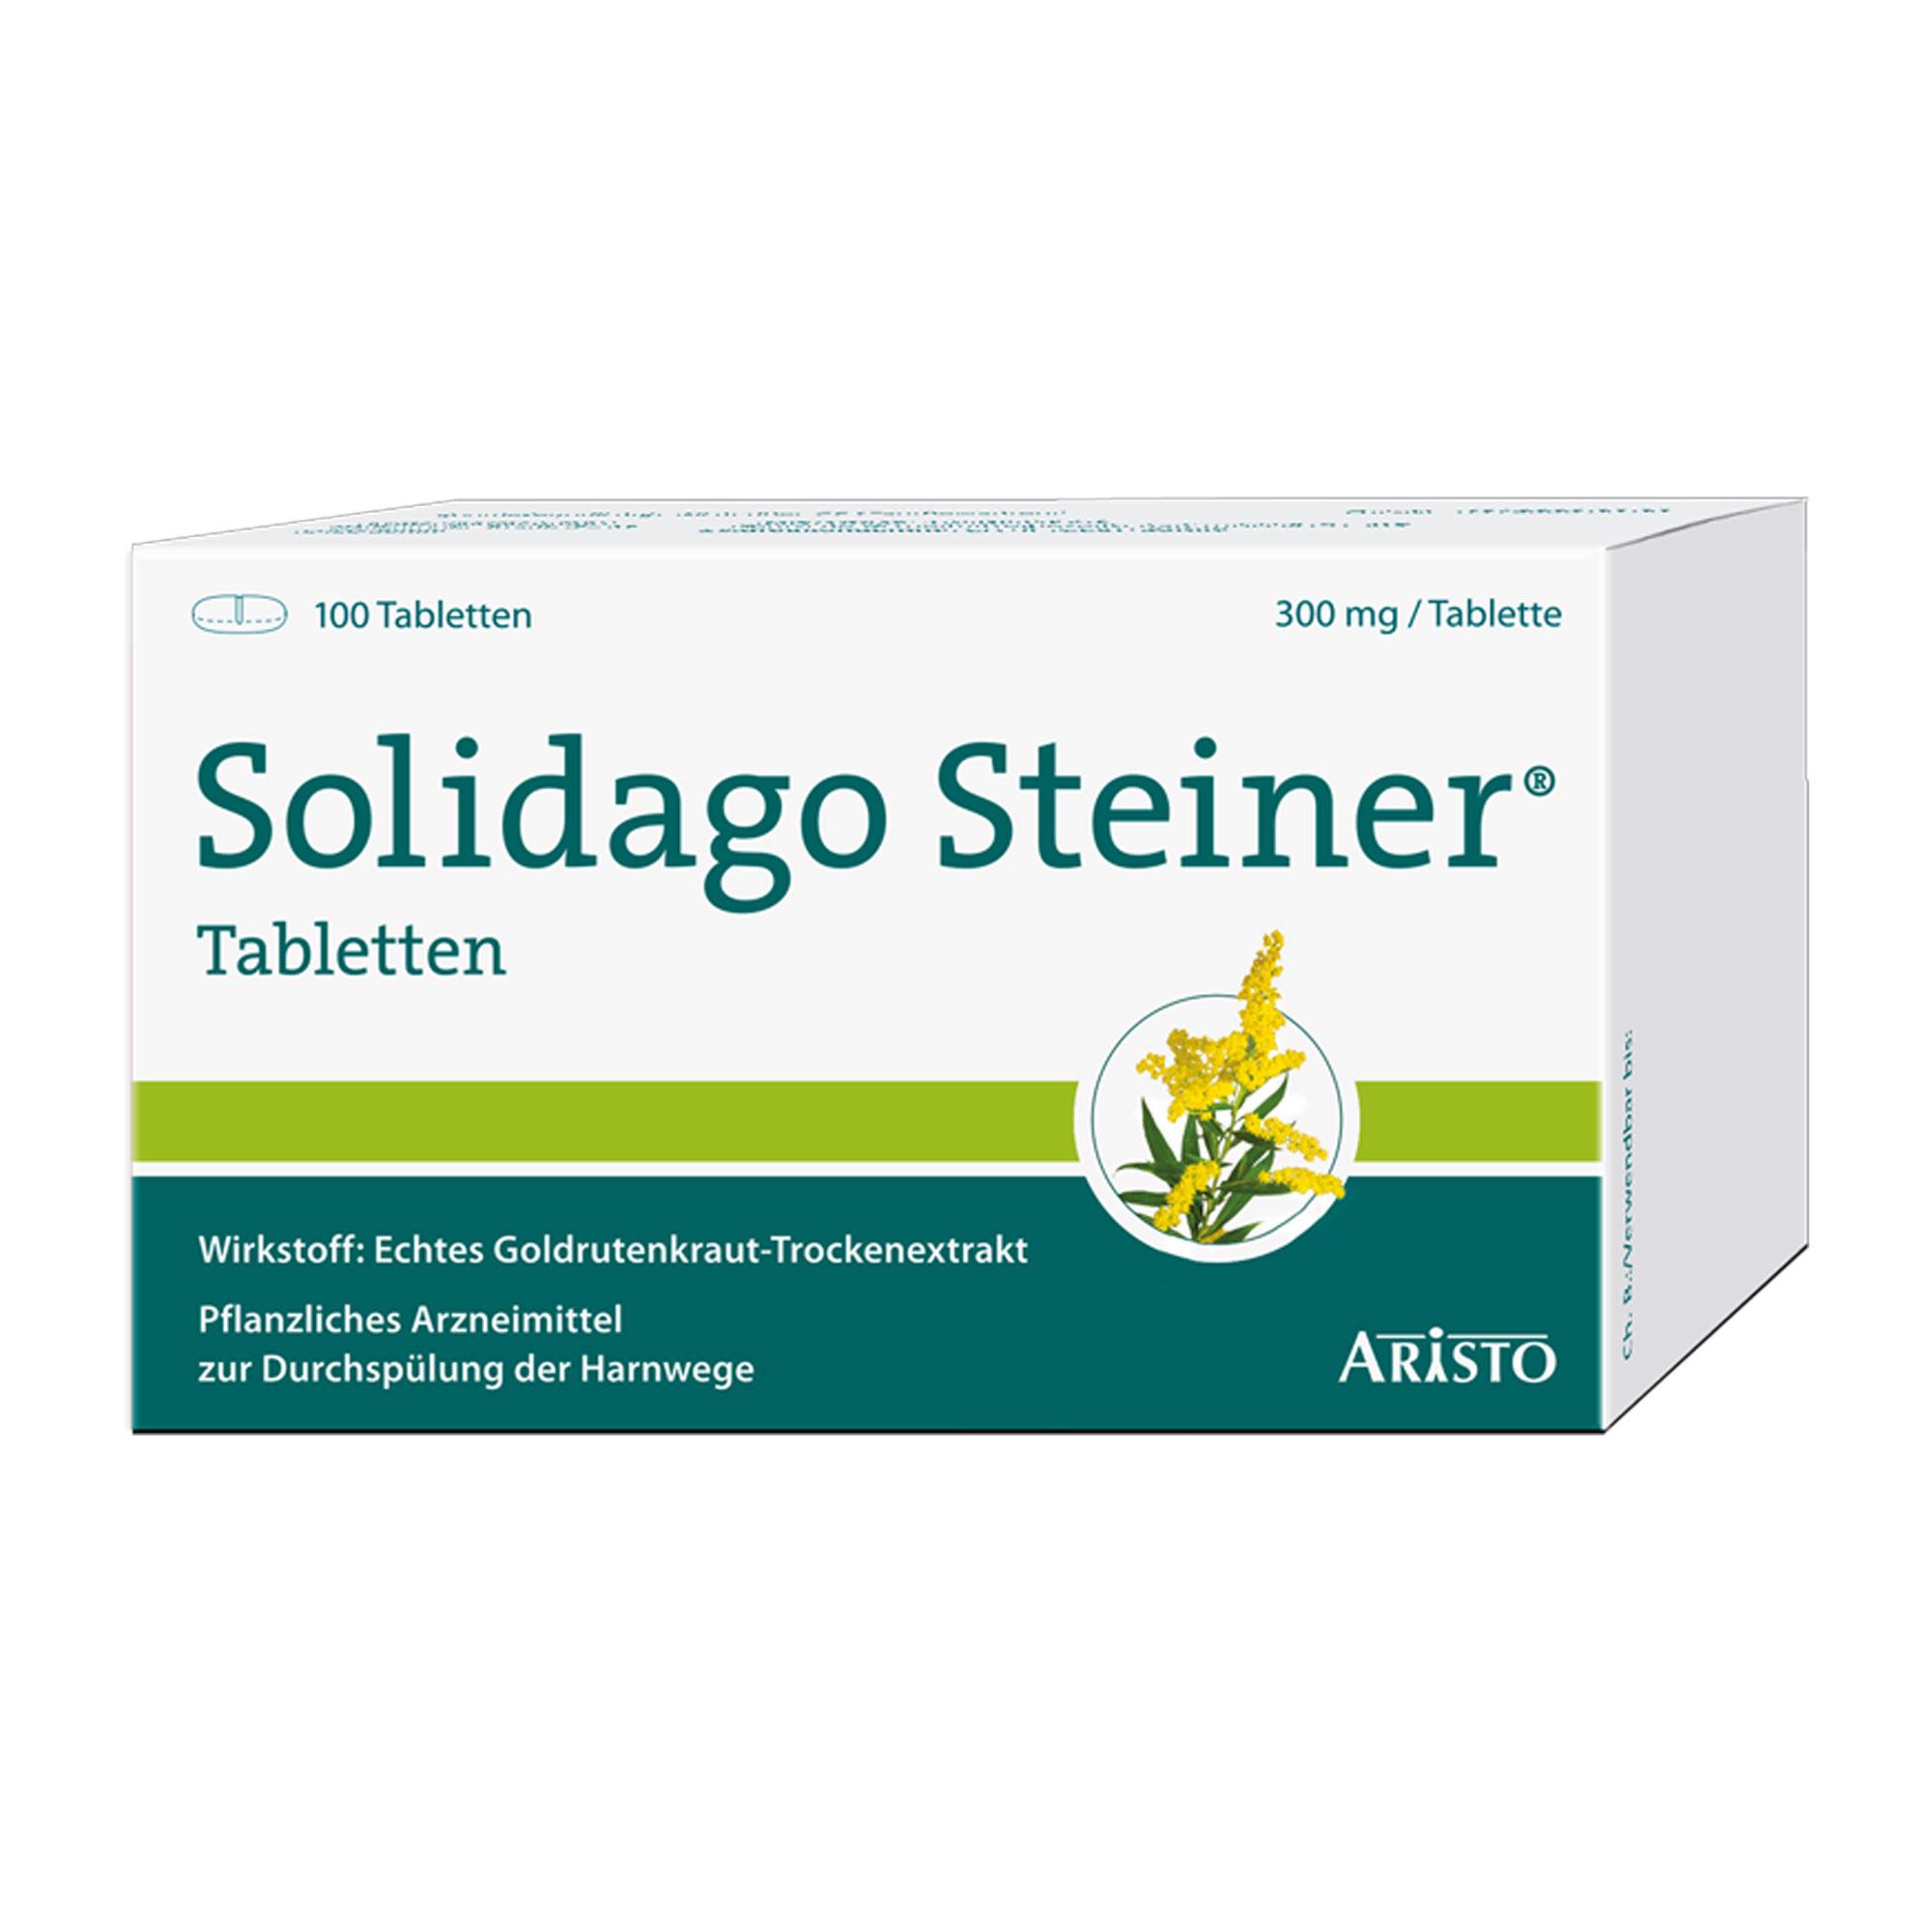 Solidago Steiner